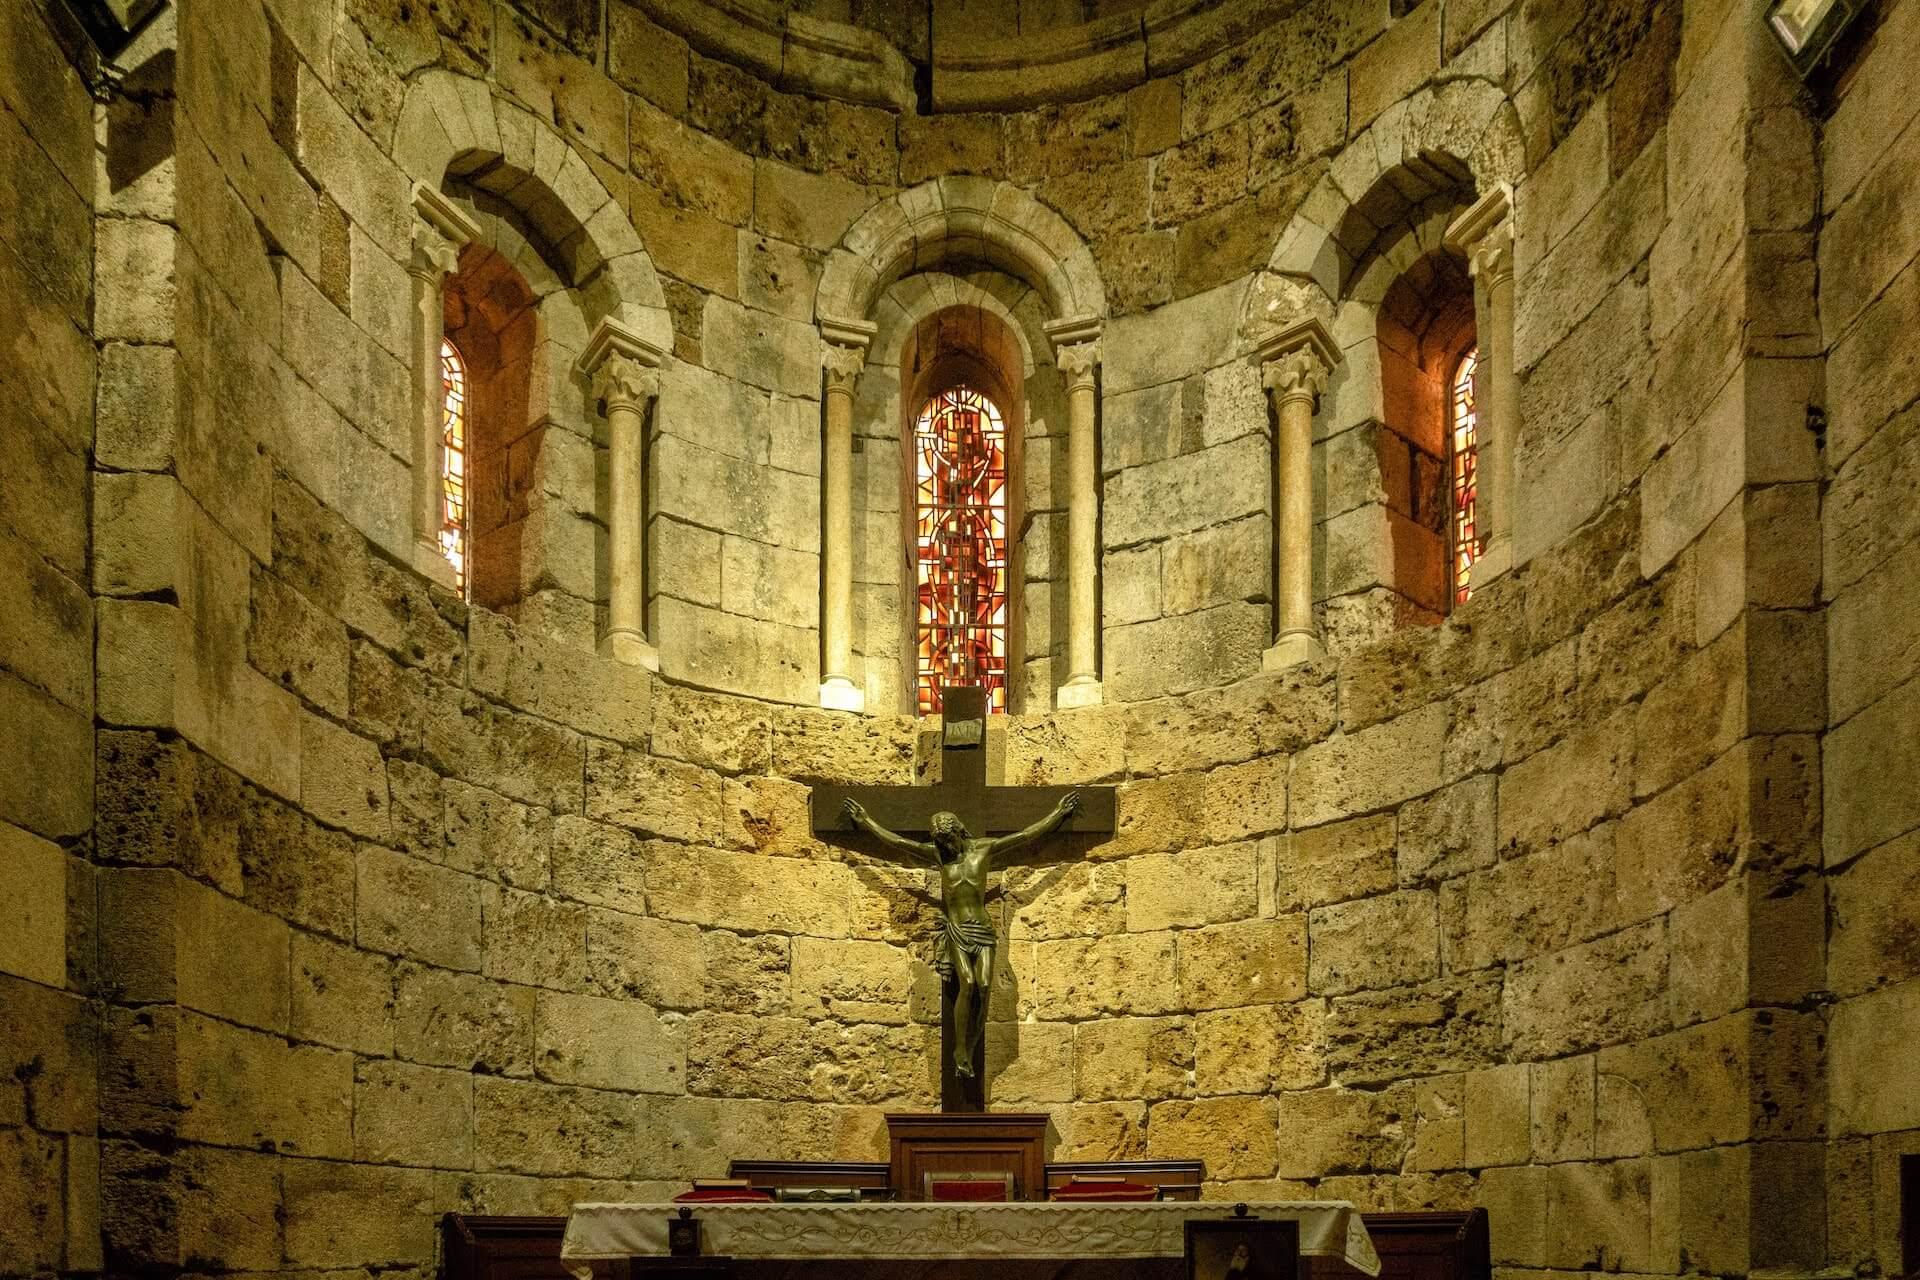 Altaar in een kerk in Byblos